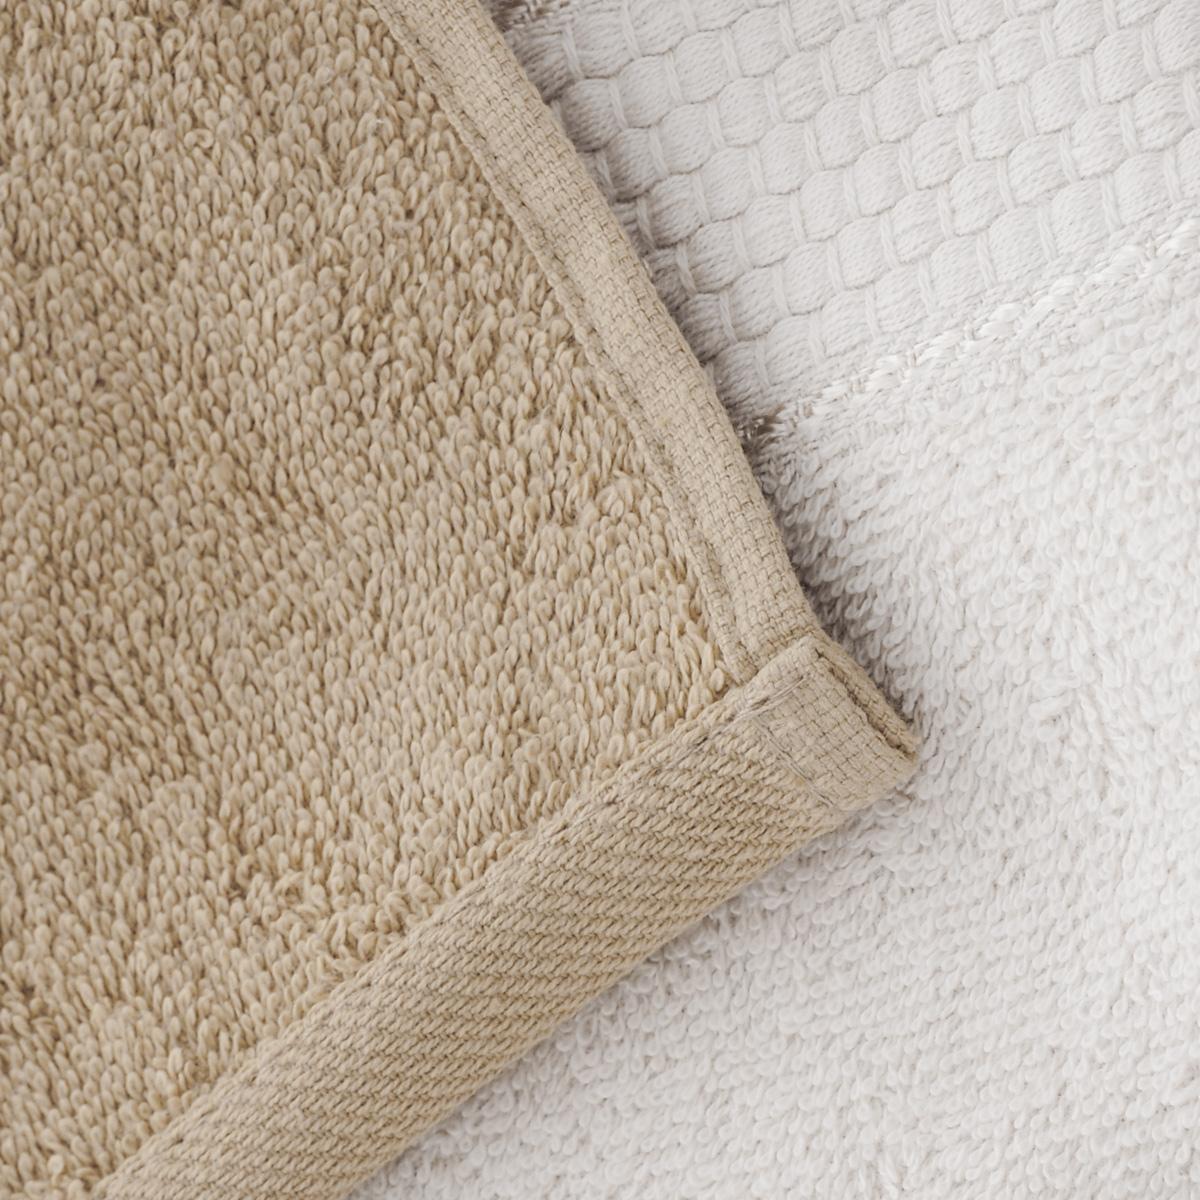 """Набор """"Aisha Home Textile"""" состоит из двух полотенец, выполненных из натуральной махровой ткани (100% хлопка). Изделия отлично впитывают влагу, быстро сохнут,  сохраняют яркость цвета и не теряют формы даже после многократных стирок.  Полотенца """"Aisha Home Textile"""" очень практичны и неприхотливы в уходе.  Комплектация: 2 шт."""